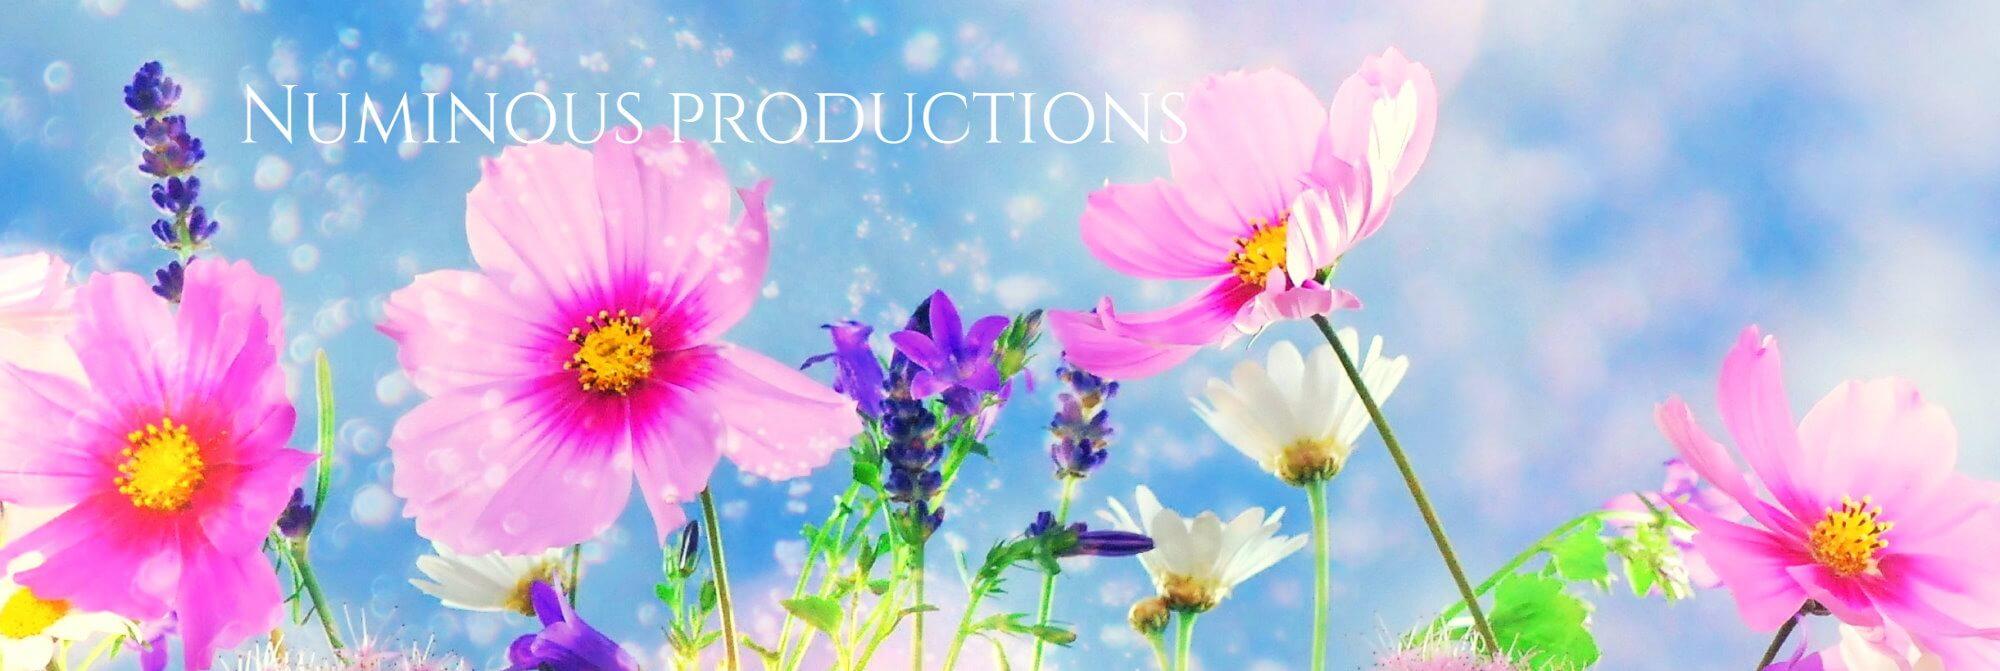 Numinous Productions